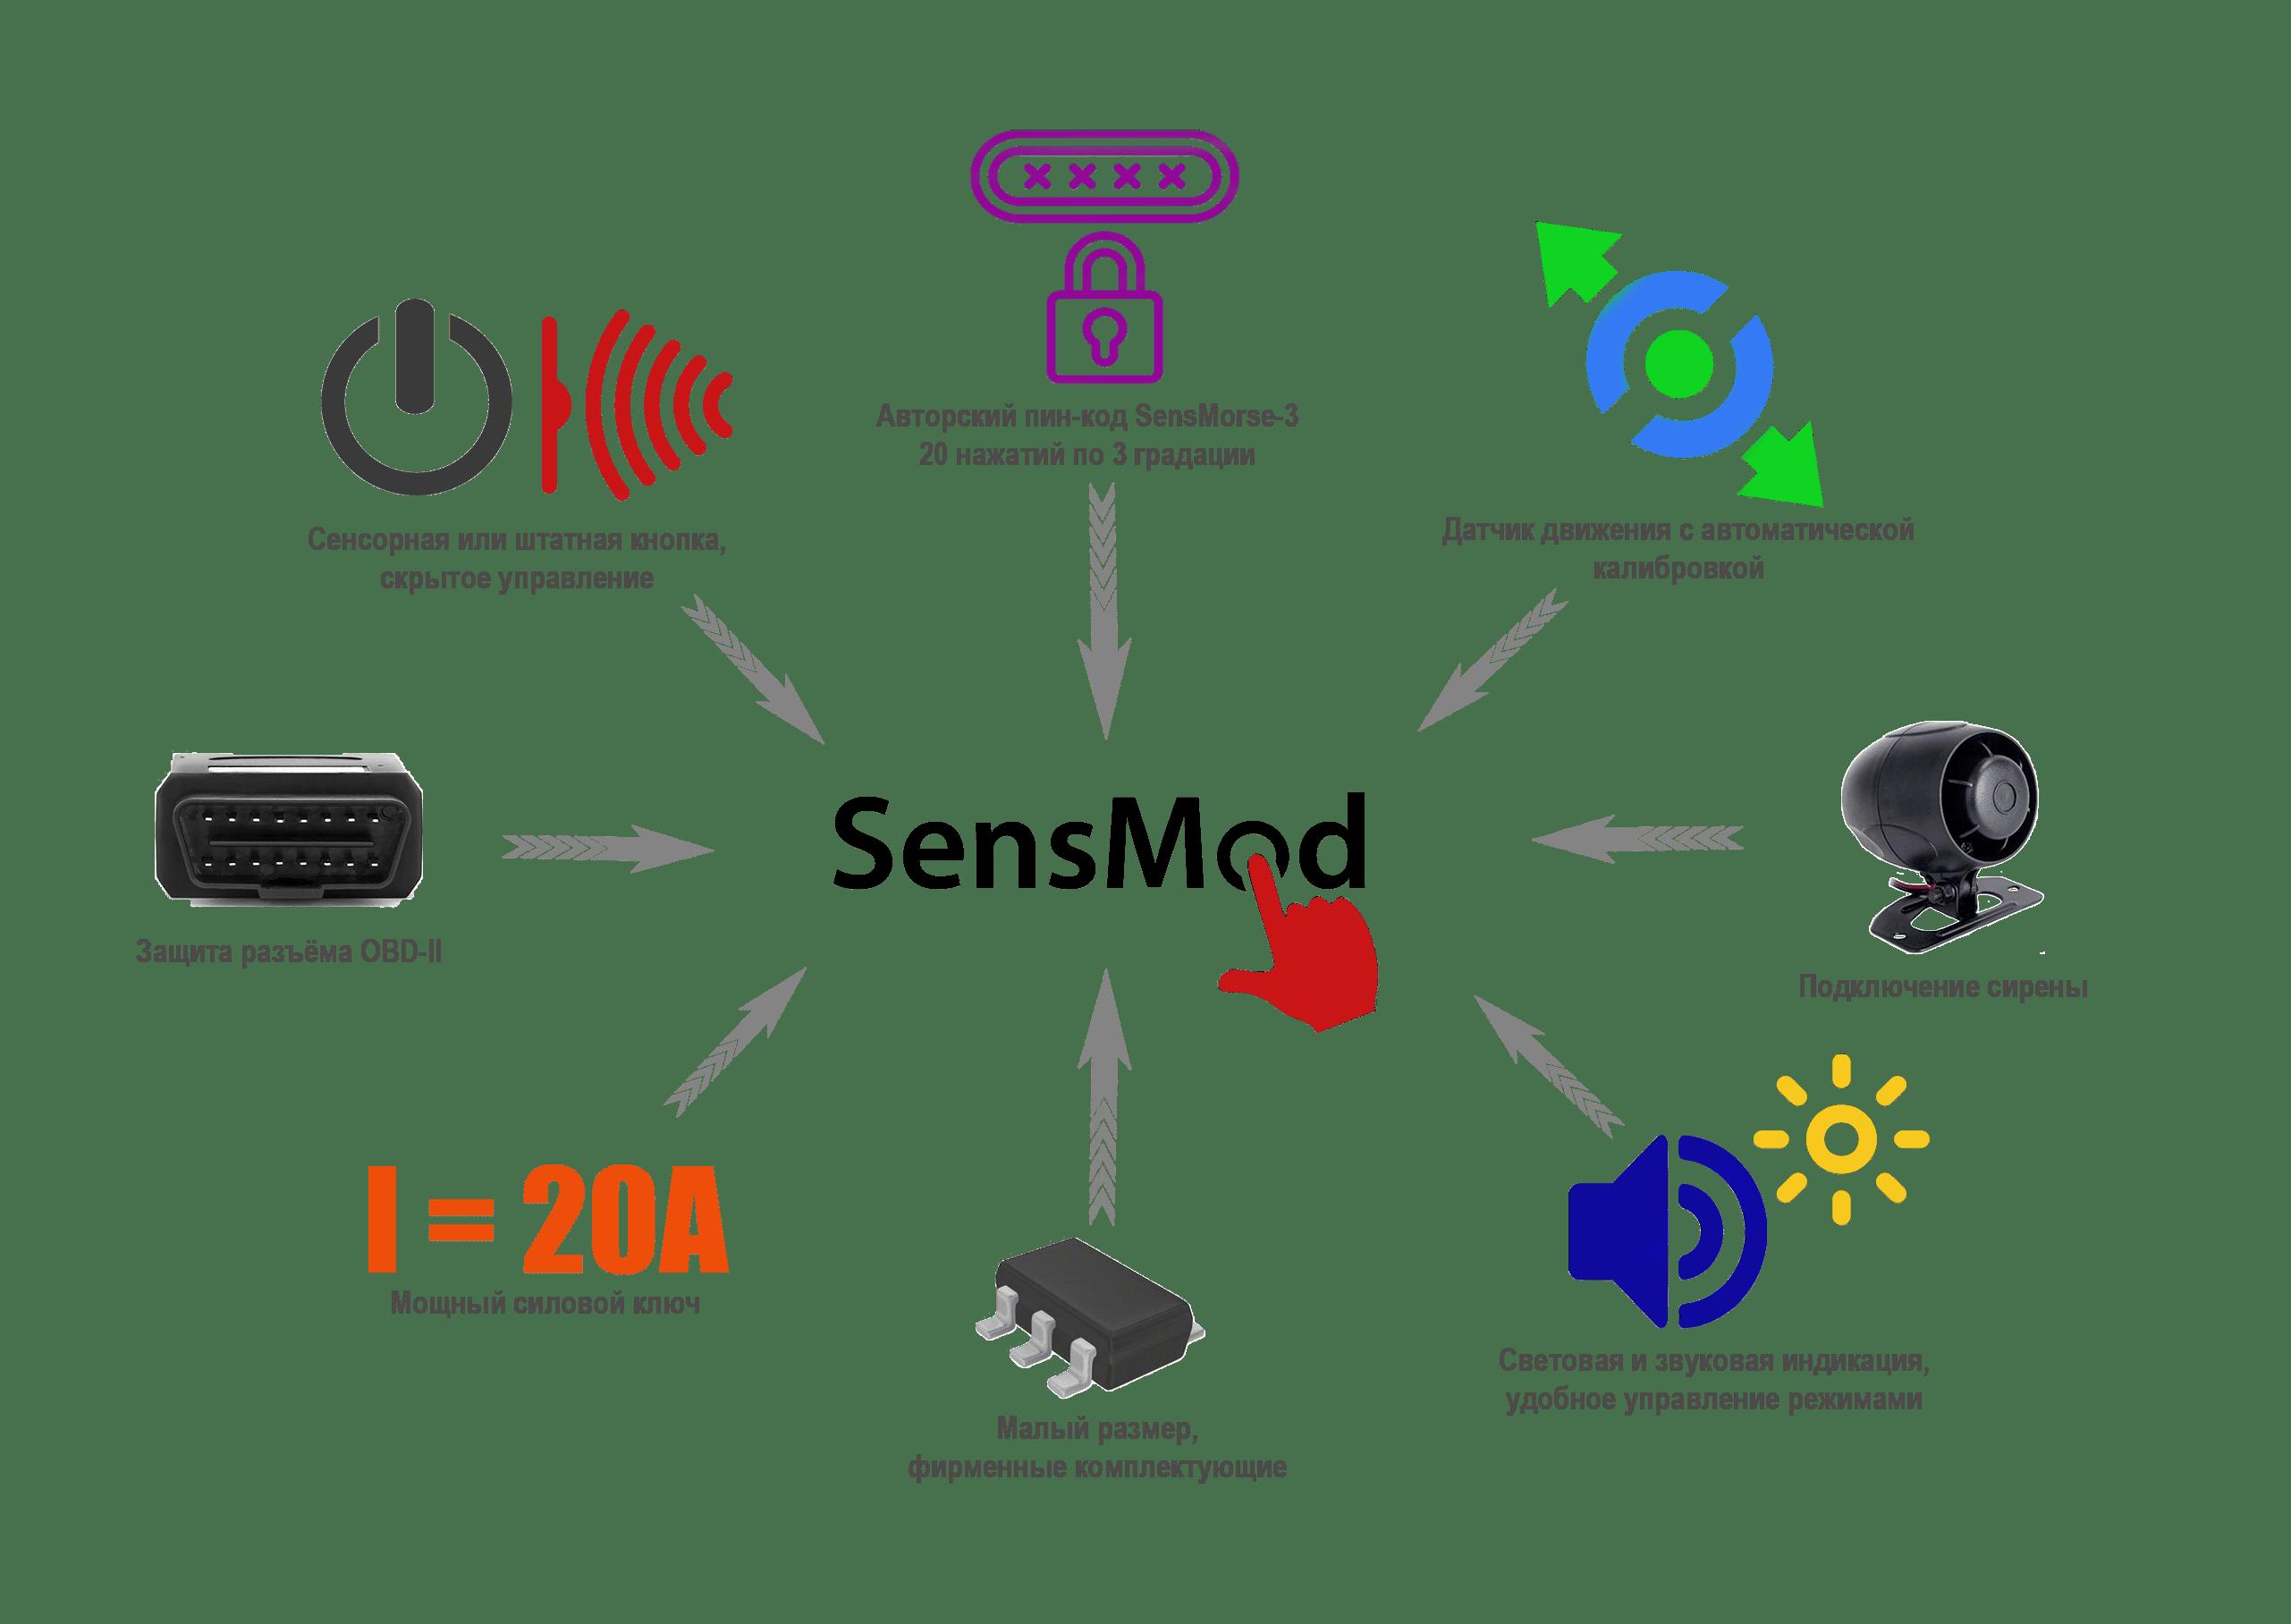 Возможности SensMod 4.0